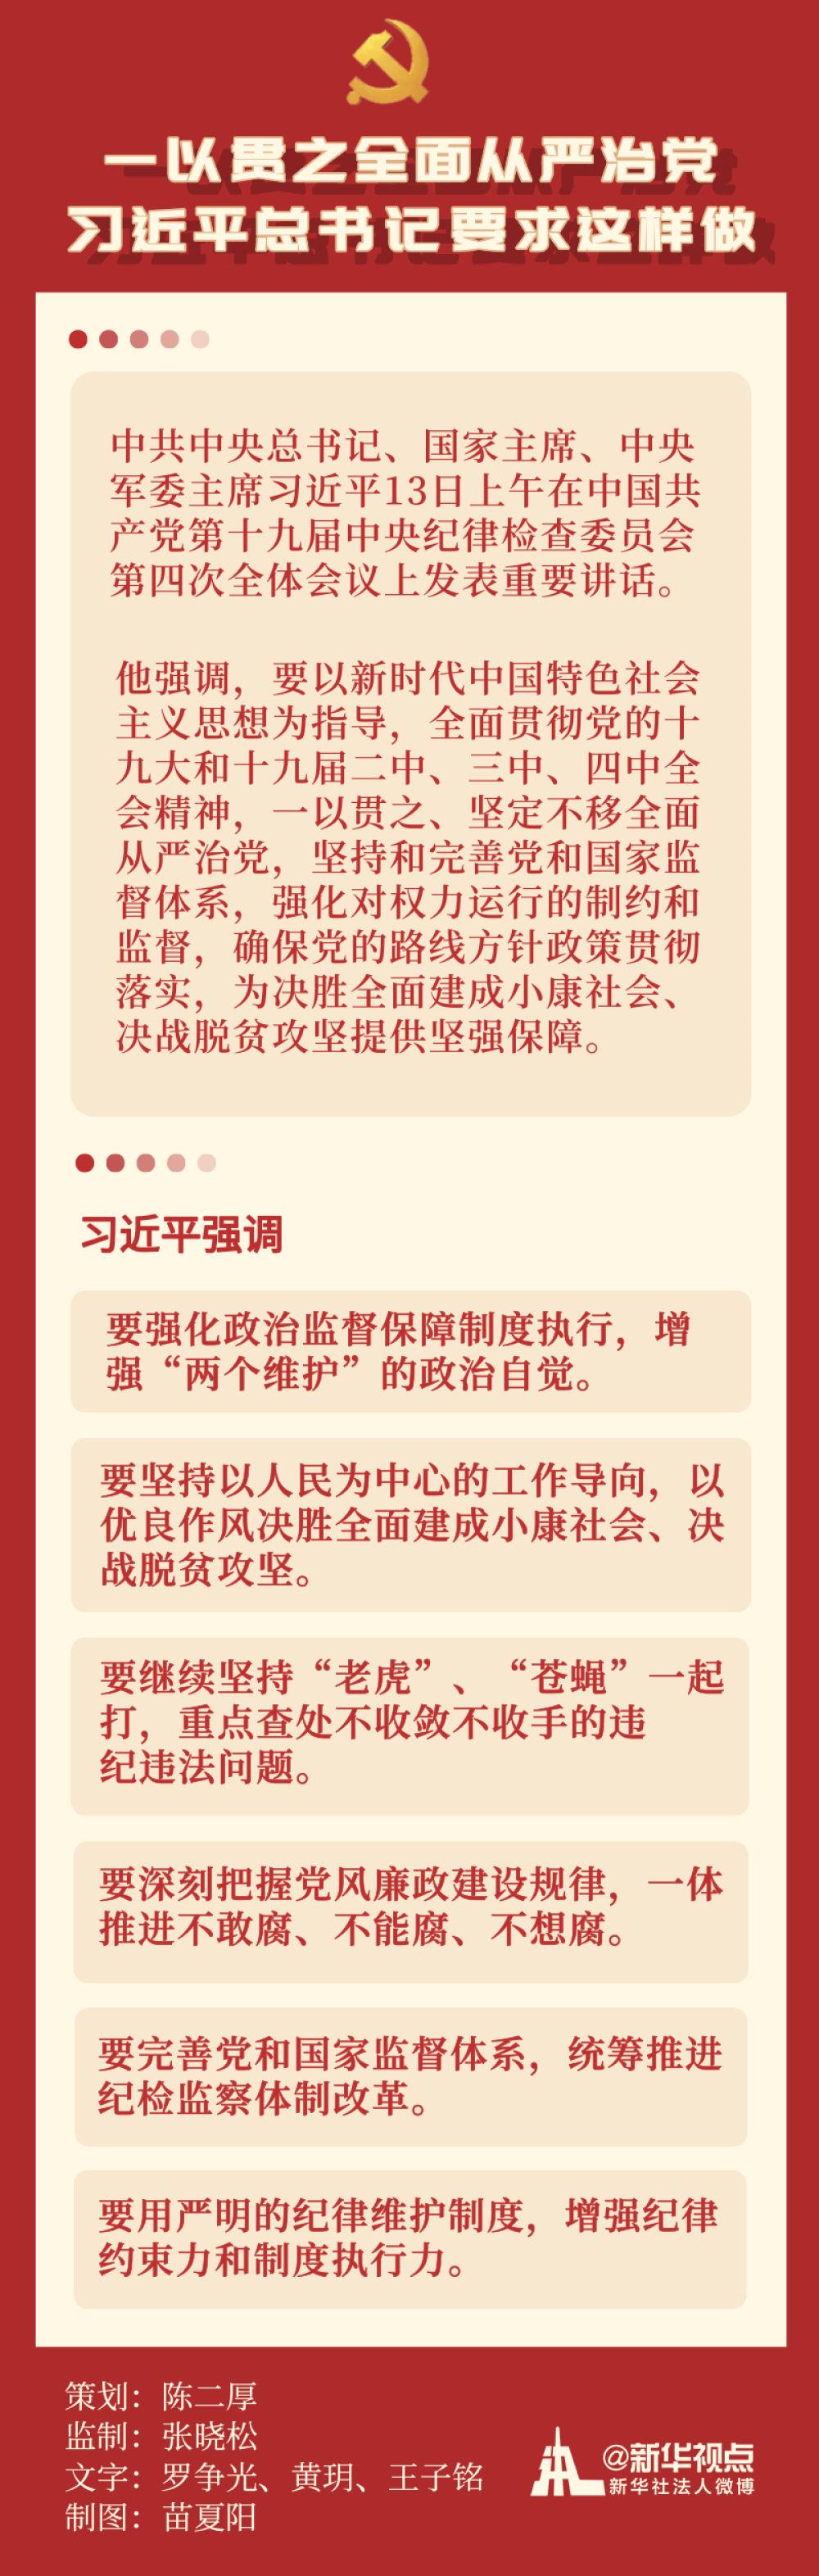 一以贯之全面从严治党——解读习近平总书记在十九届中央纪委四次全会上的重要讲话